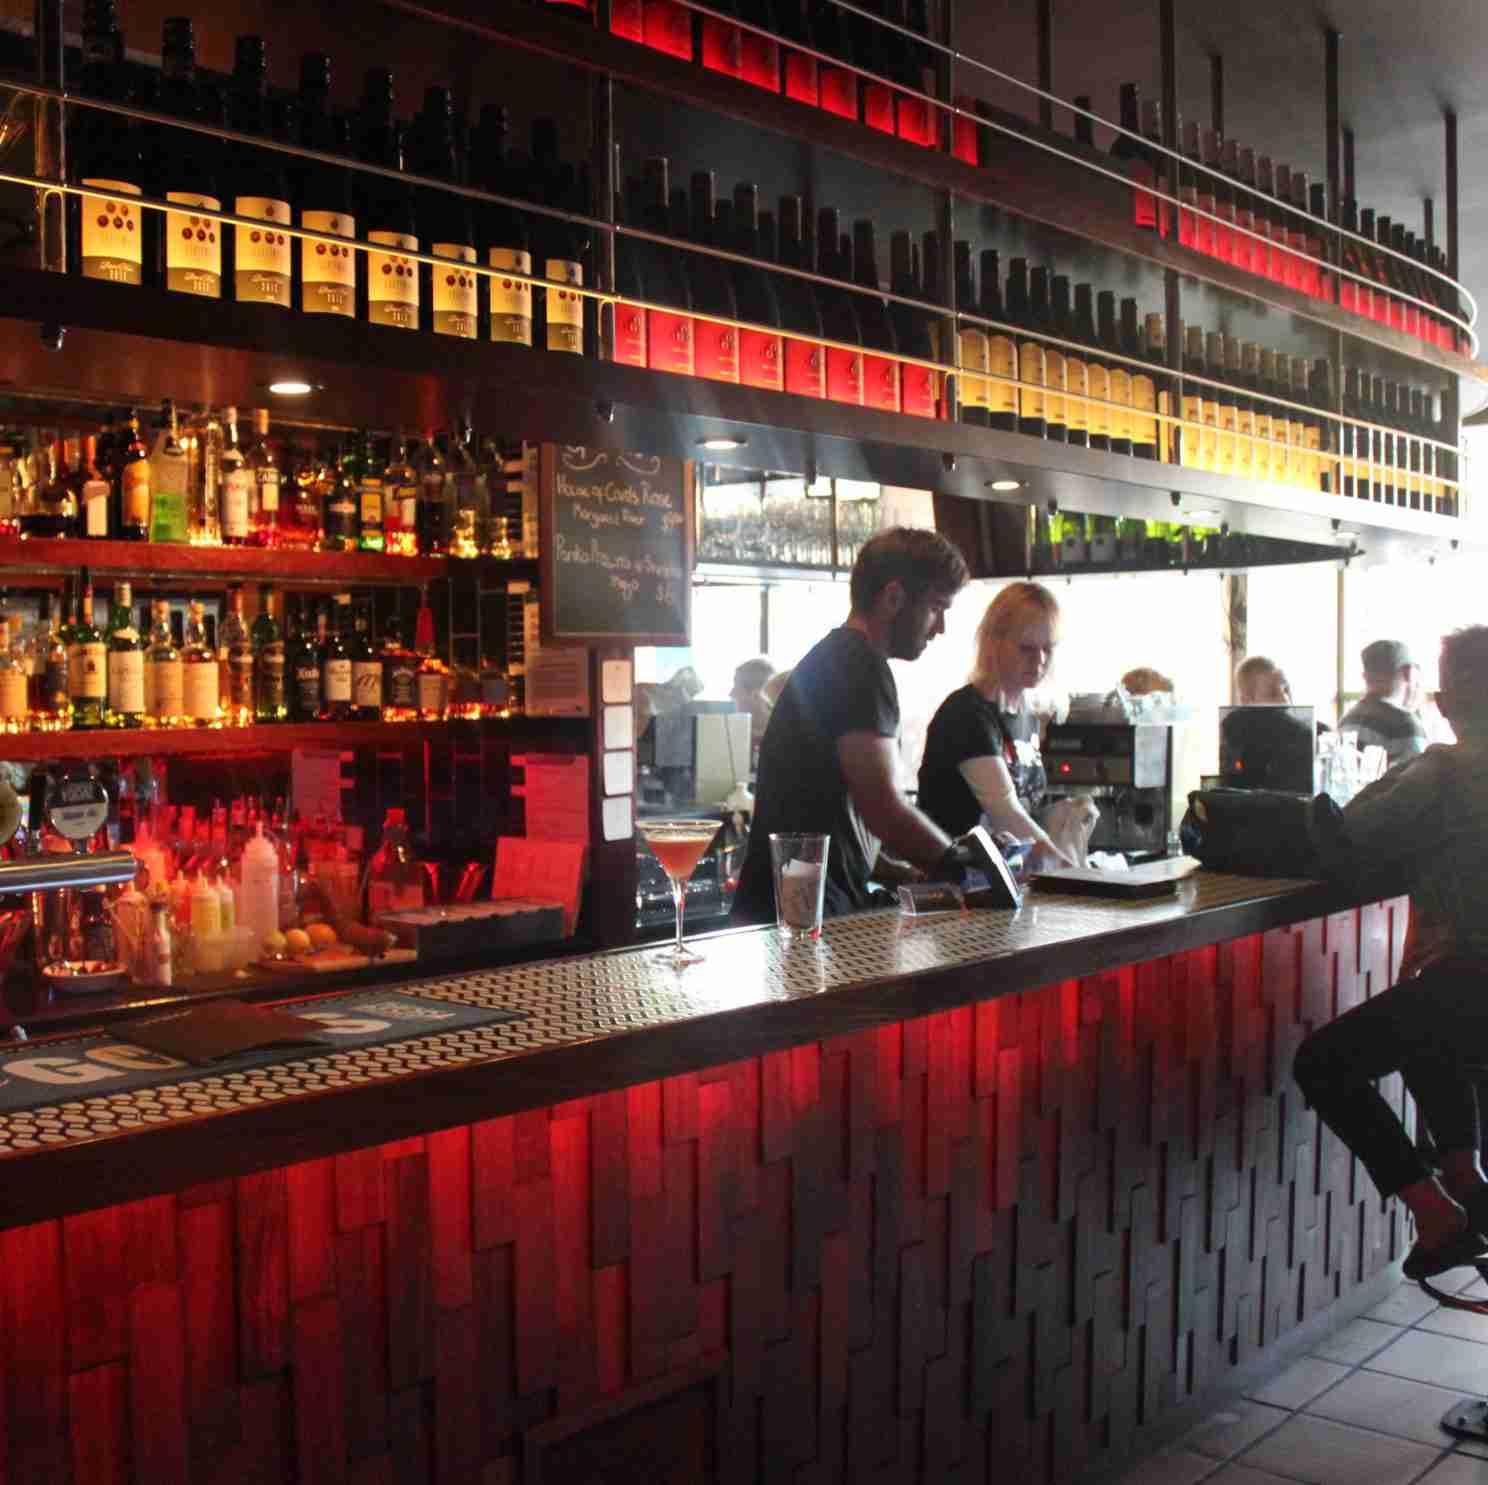 Bar & Courtyard